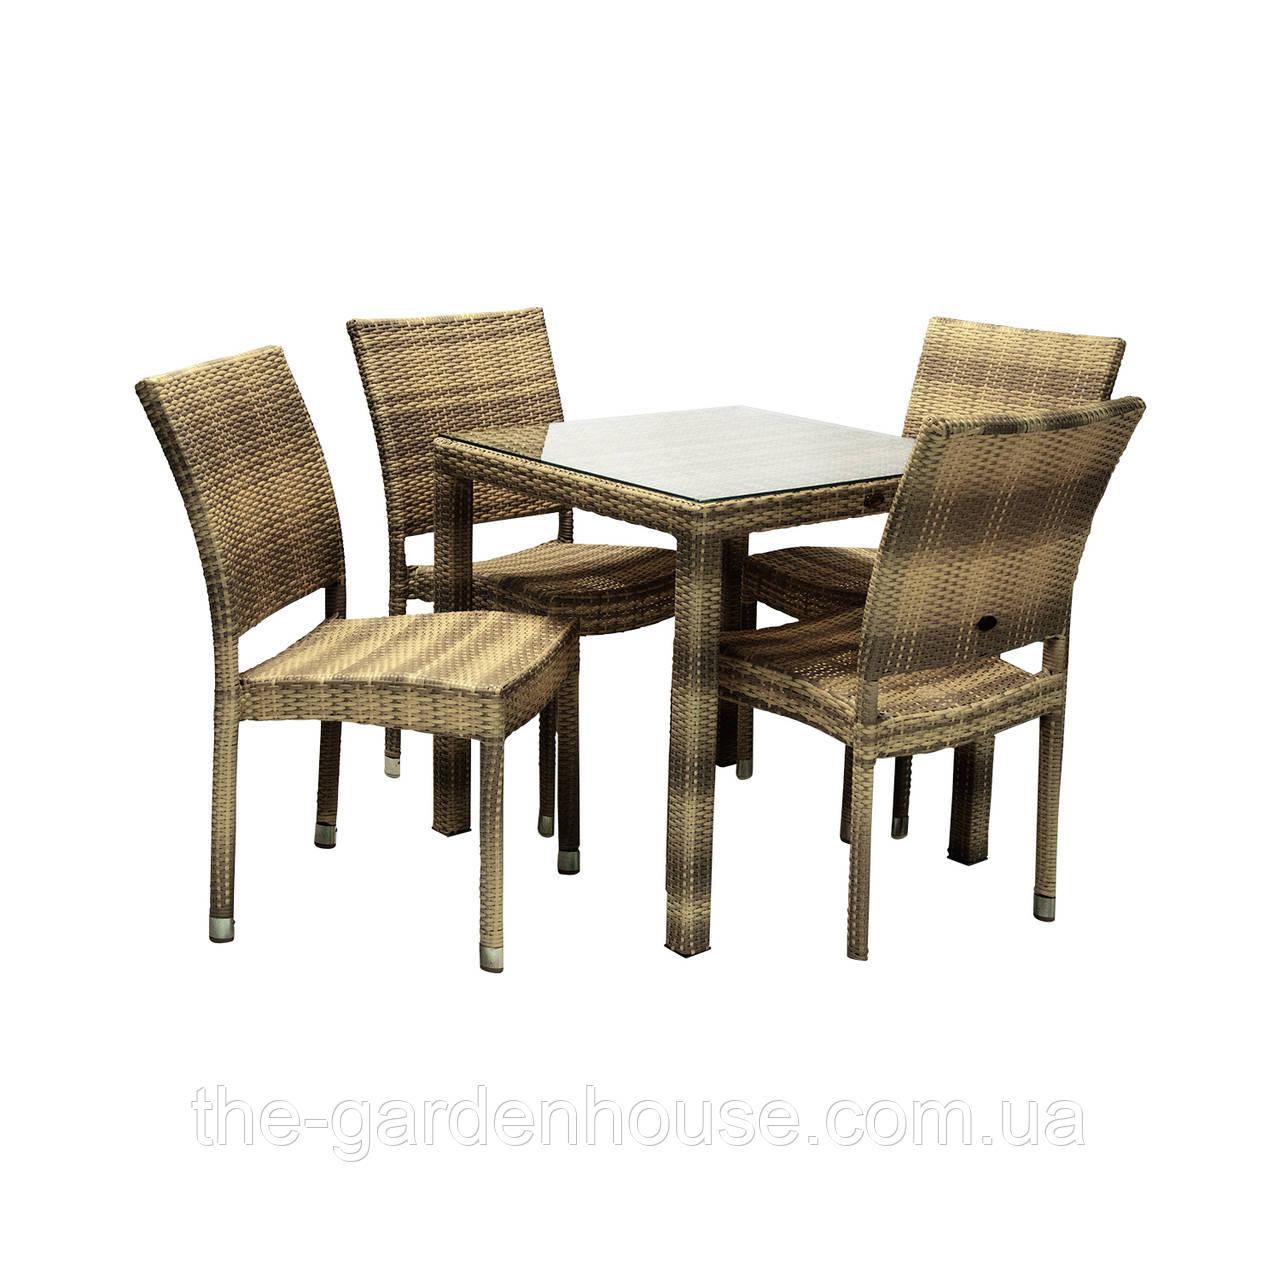 Столовый набор садовой мебели Викер из искусственного ротанга: стол и 4 стула капучино